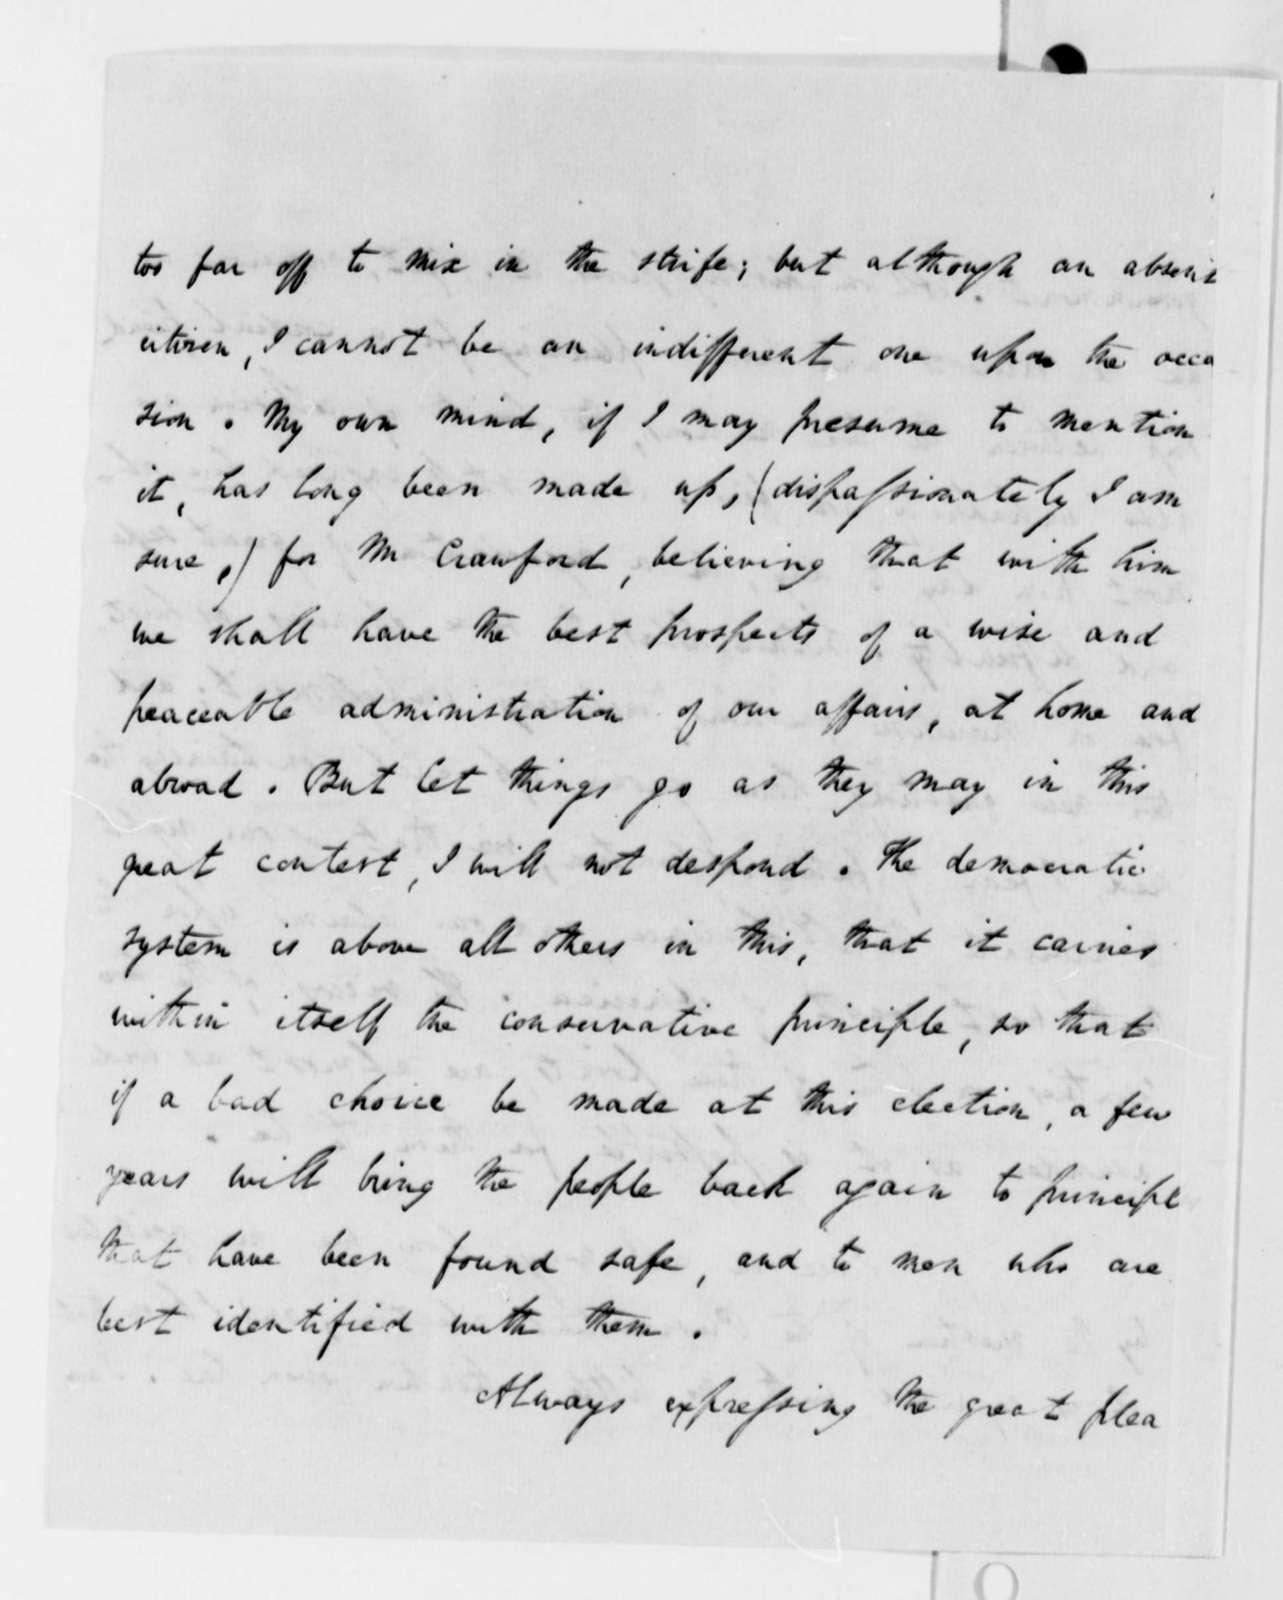 Richard Rush to Thomas Jefferson, July 17, 1824